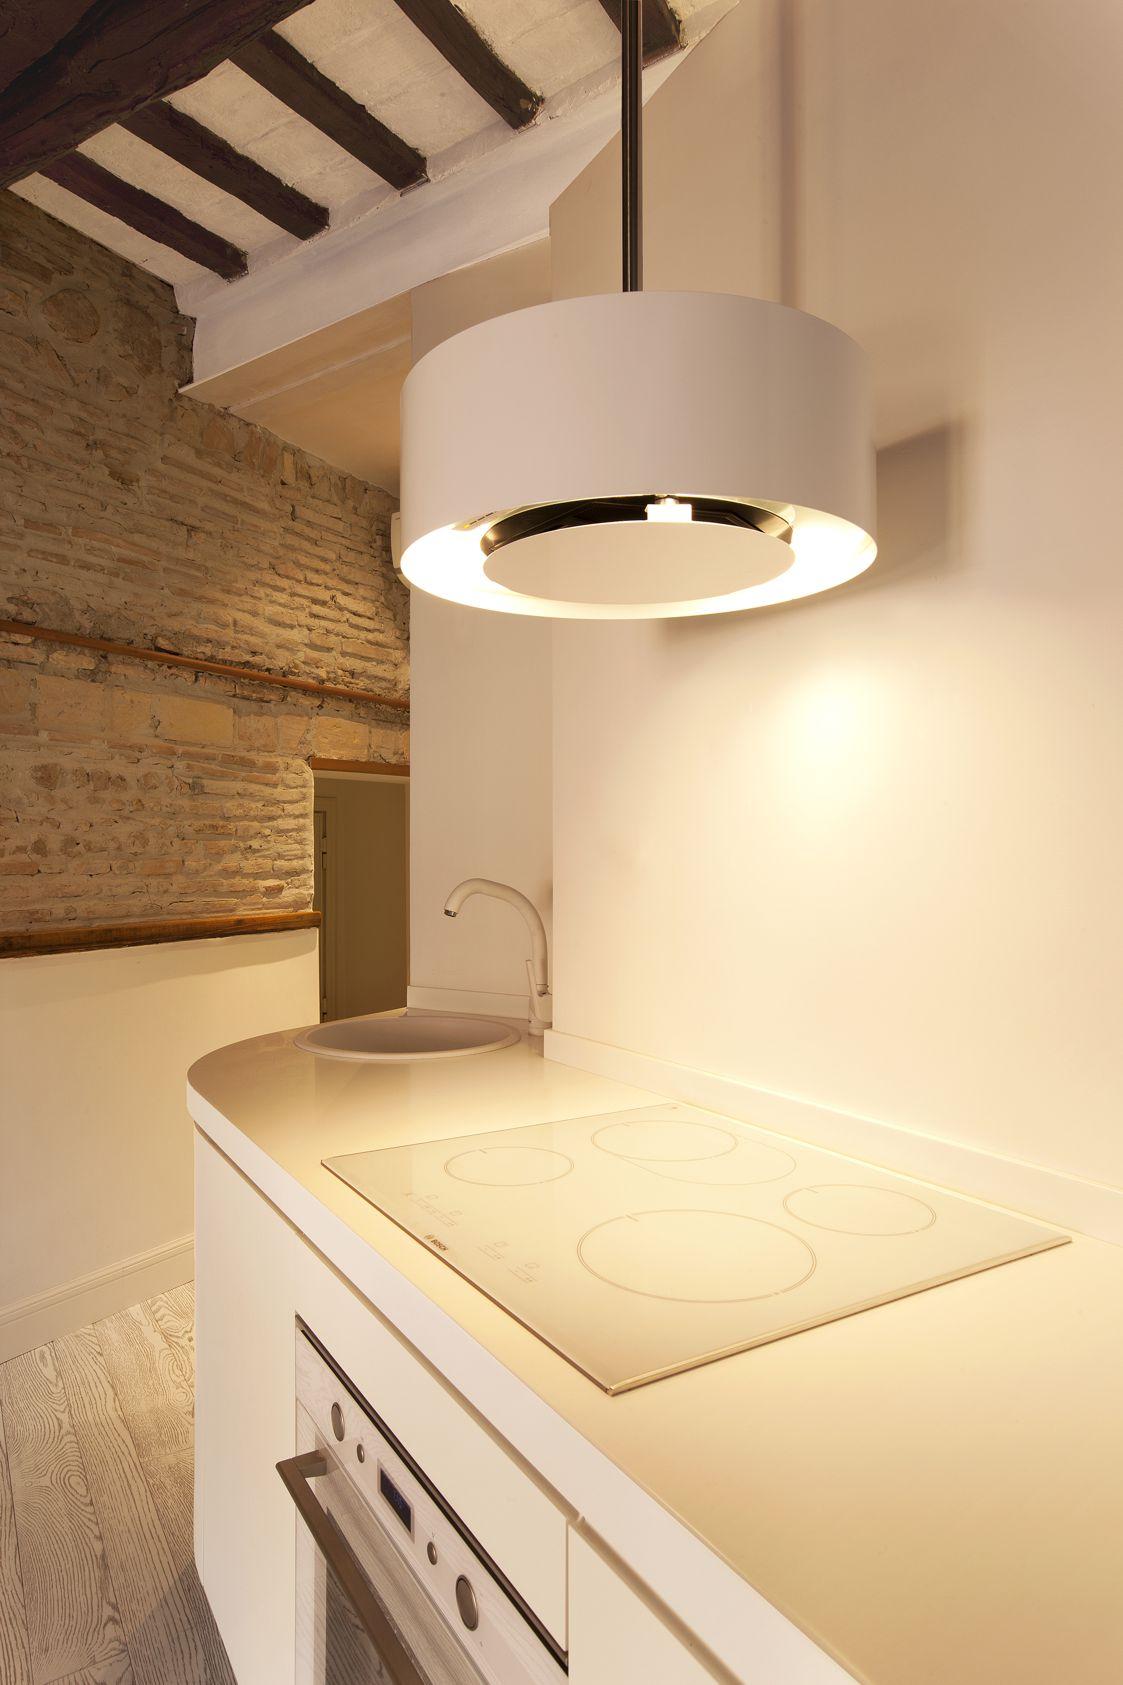 03_Dettaglio della cuina con cappa Best e fuochi ad induzione - EPM ...